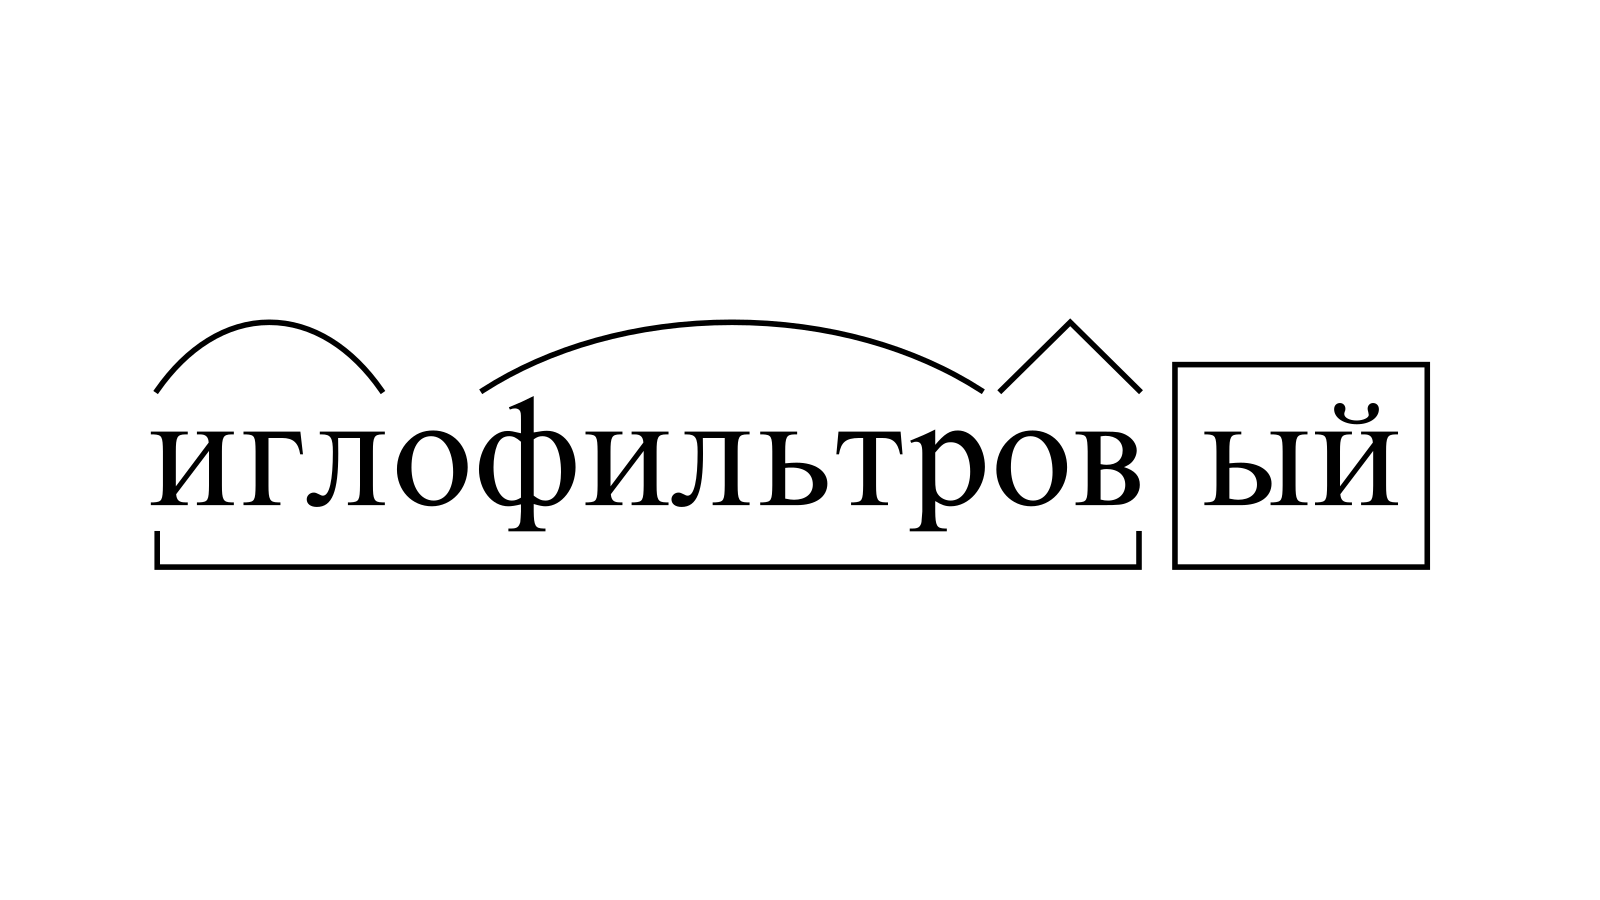 Разбор слова «иглофильтровый» по составу